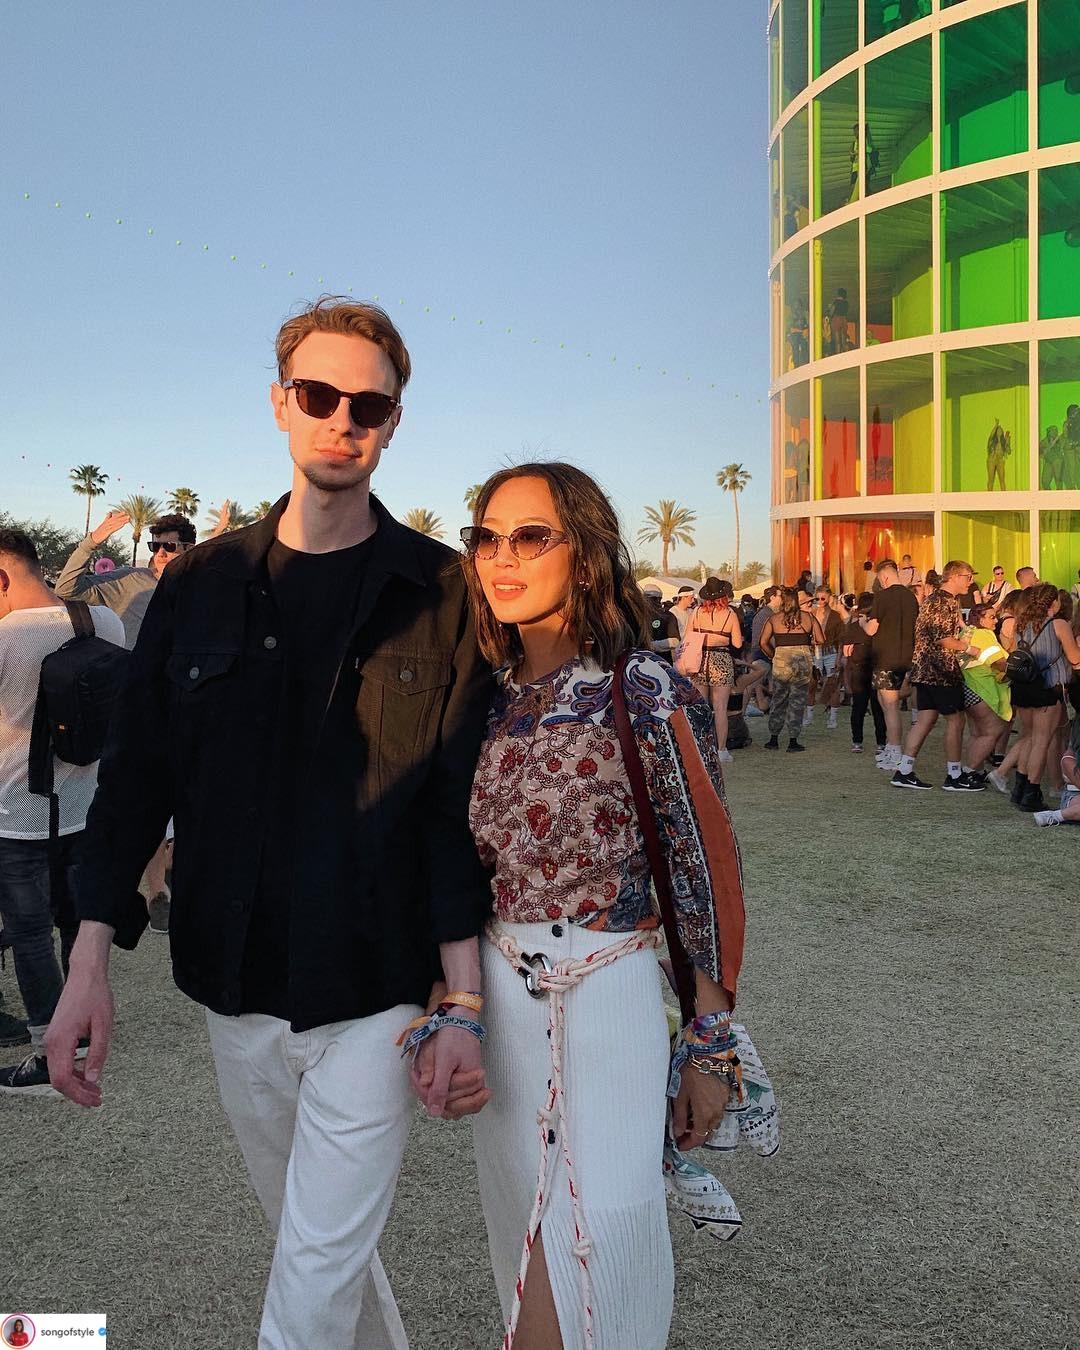 xu hướng thời trang Coachella